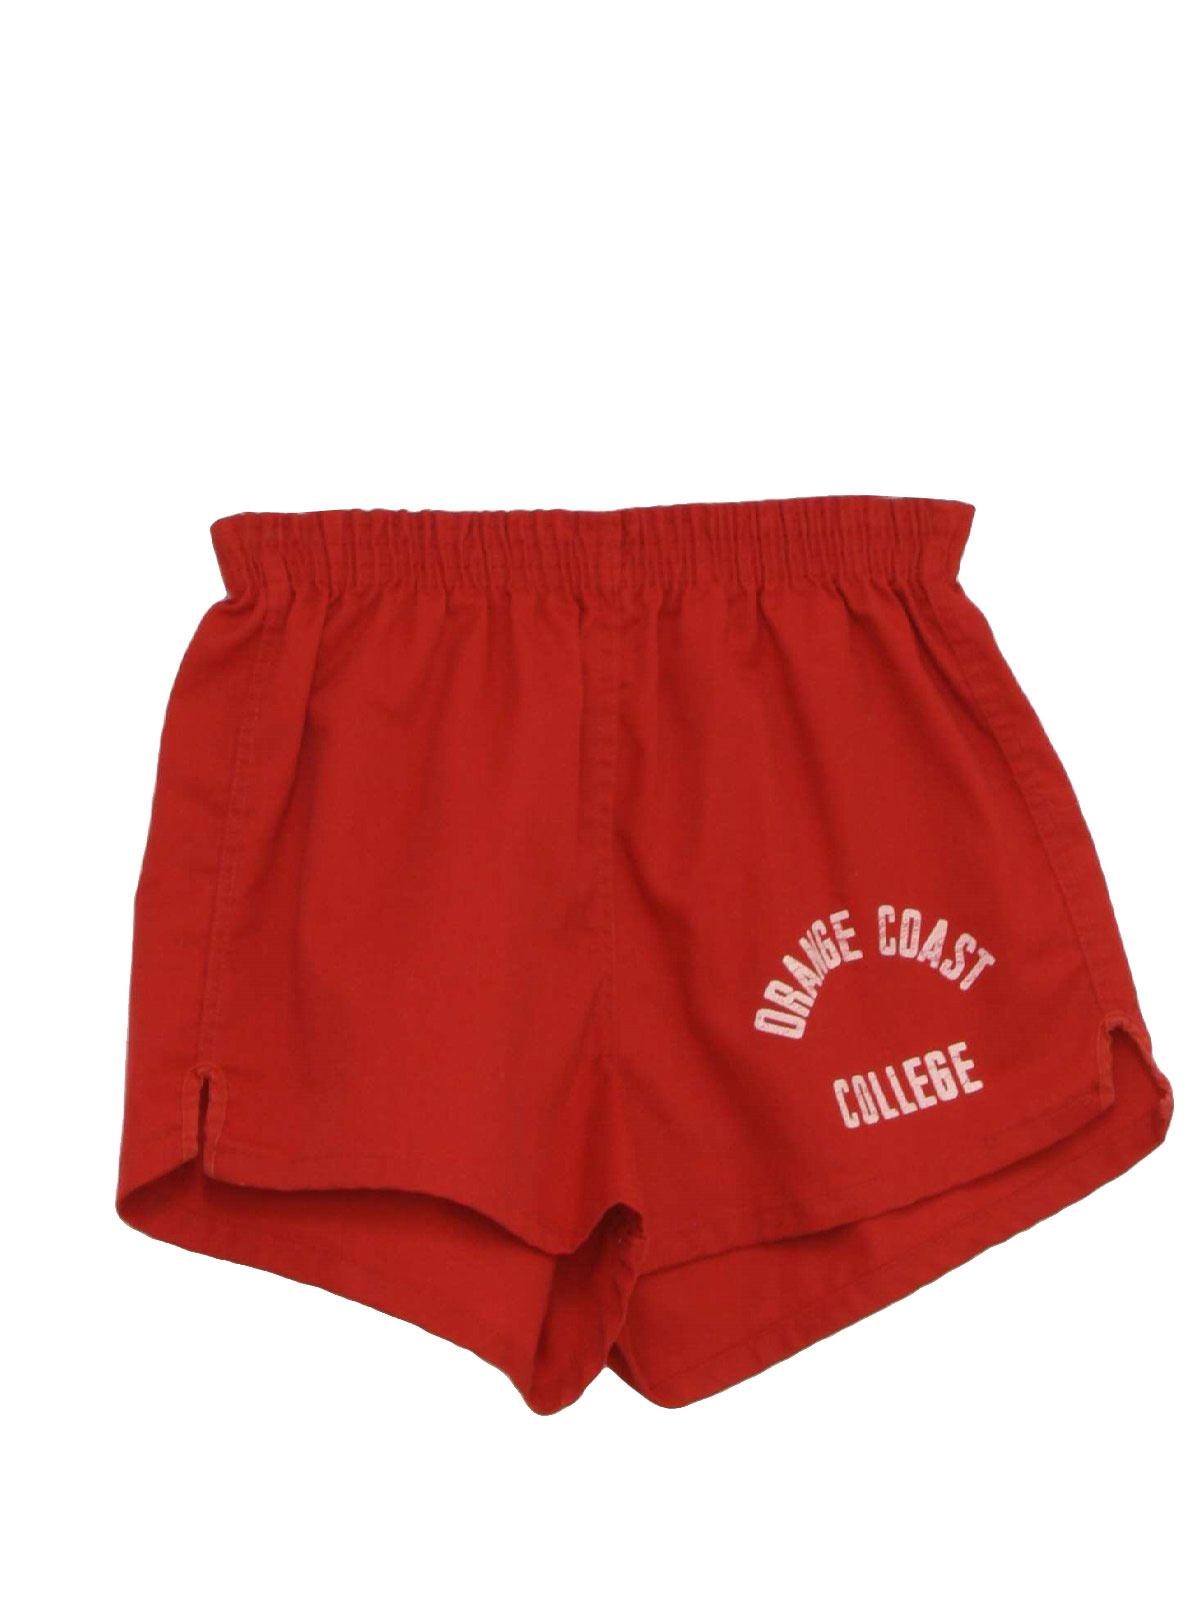 70's Collegiate Shorts: 70s -Collegiate-Pacific- Unisex red cotton ...